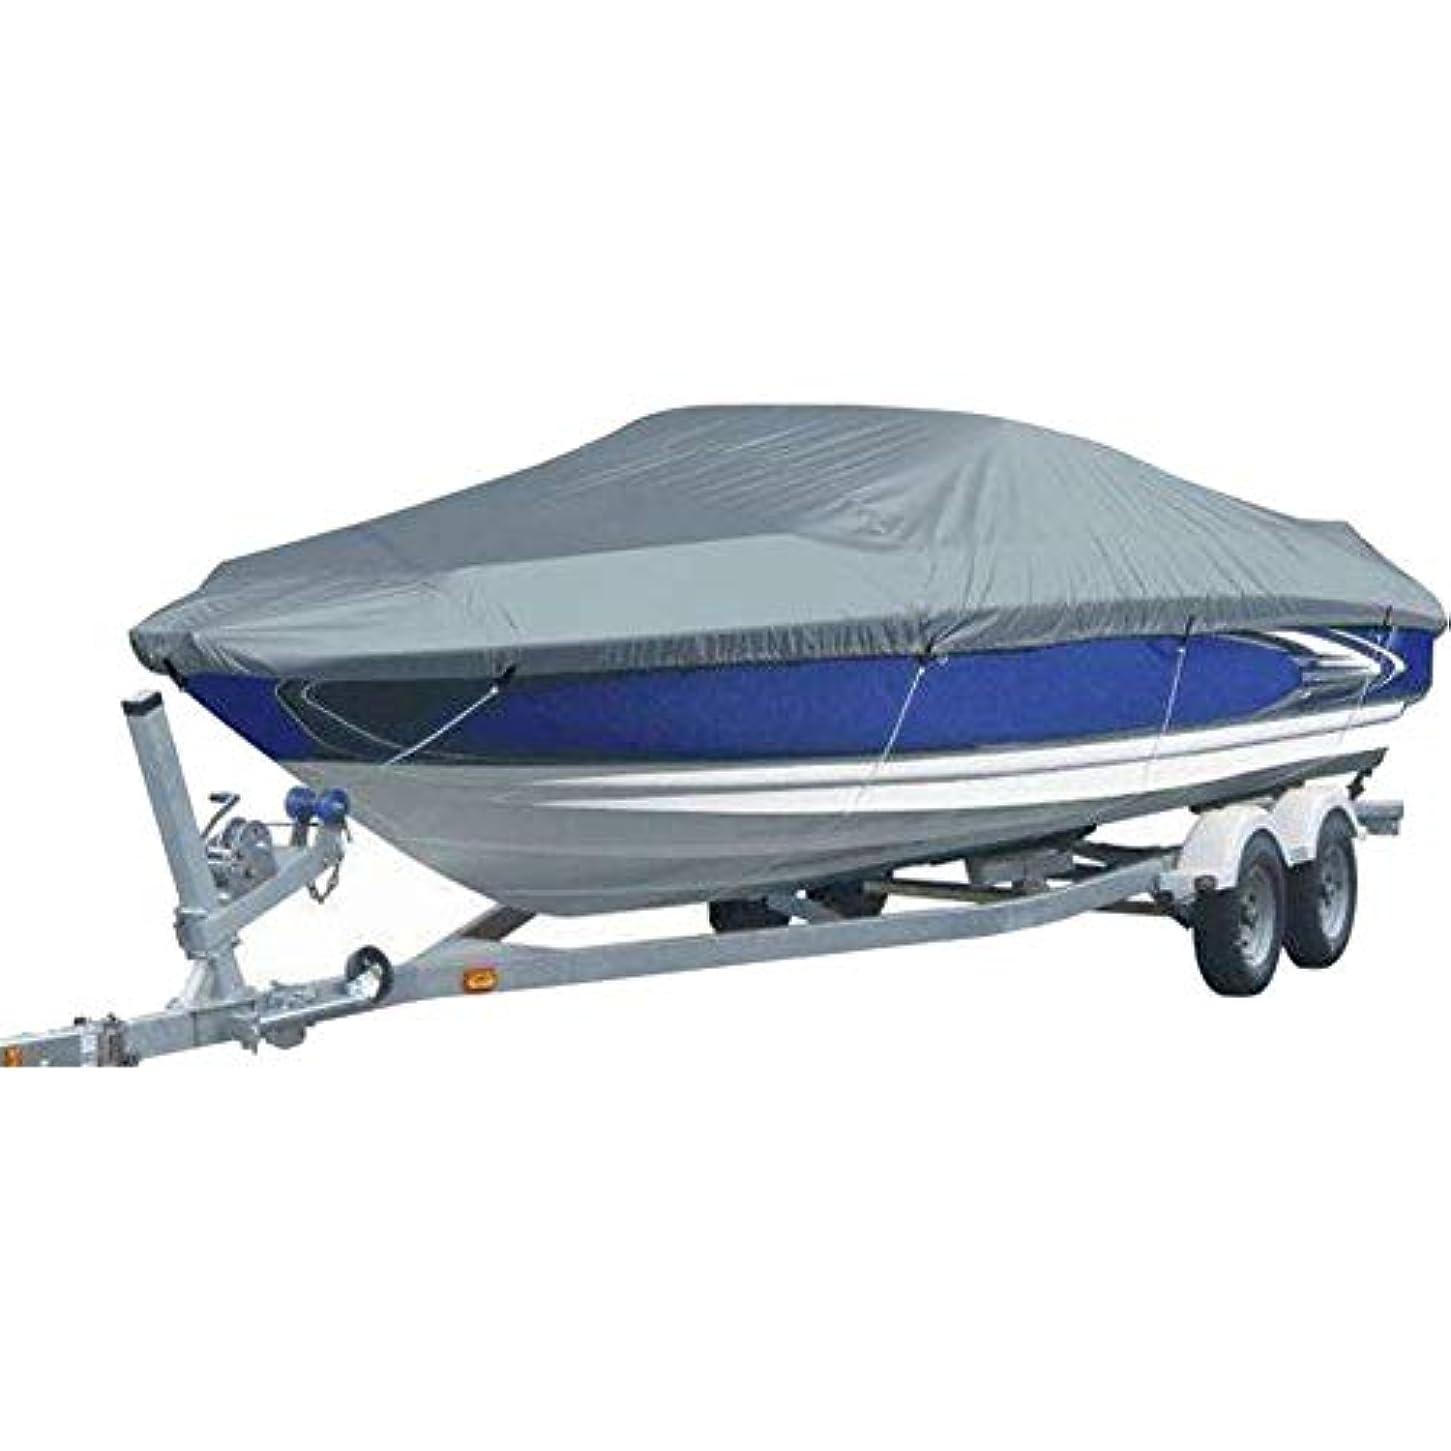 五ジェムアソシエイトJia He 屋外ダストカバー ダストカバー - ボートカバースピードボートフィッシングスキーカバーヨットカバー防水UVプロテクションオックスフォードクロス210D防水アクセサリーV字型ボート(4サイズ) @@ (サイズ さいず : 17-19ft/600 x 230CM)